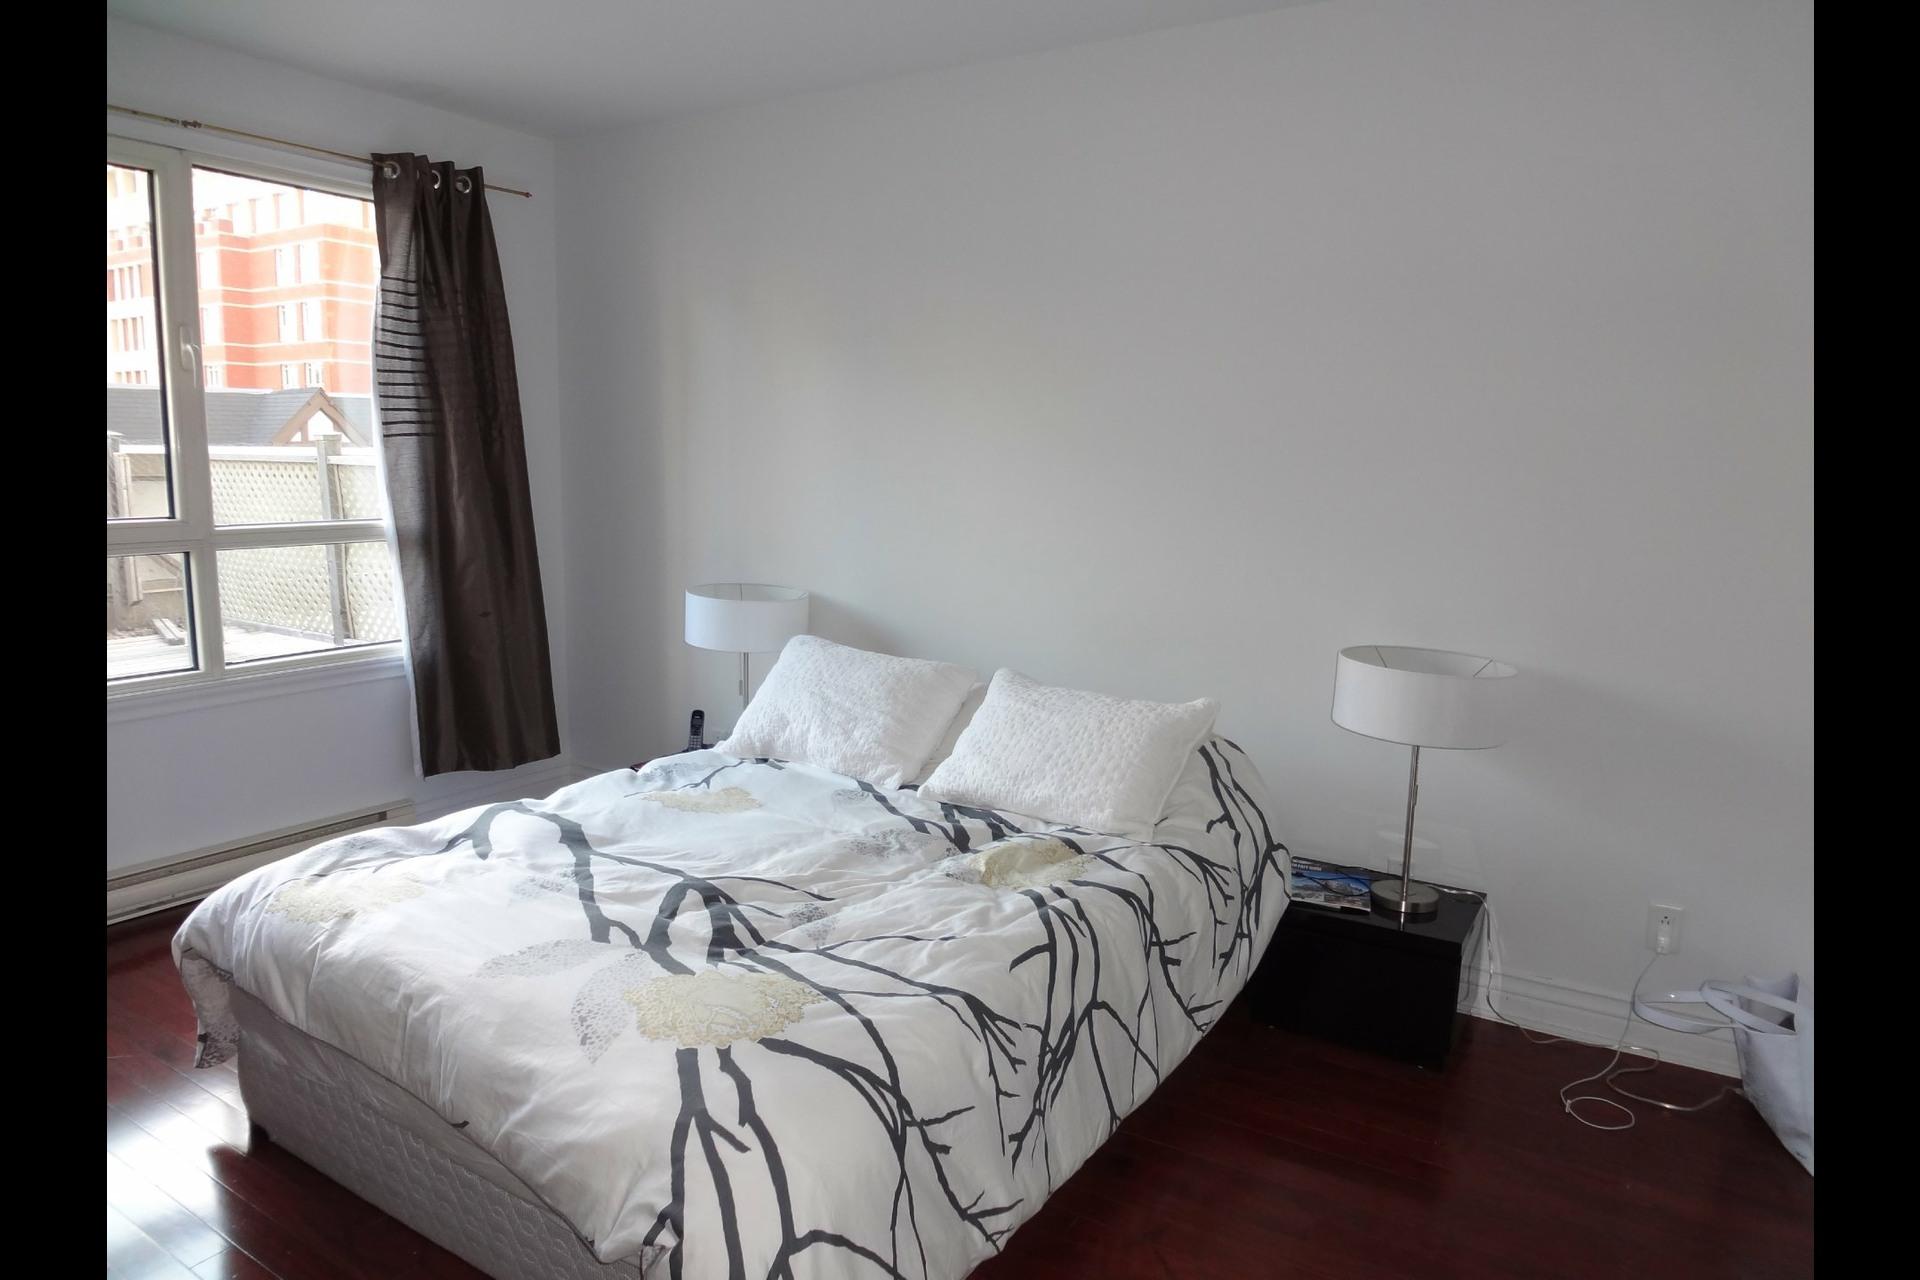 image 4 - Appartement À louer Montréal Ville-Marie  - 5 pièces